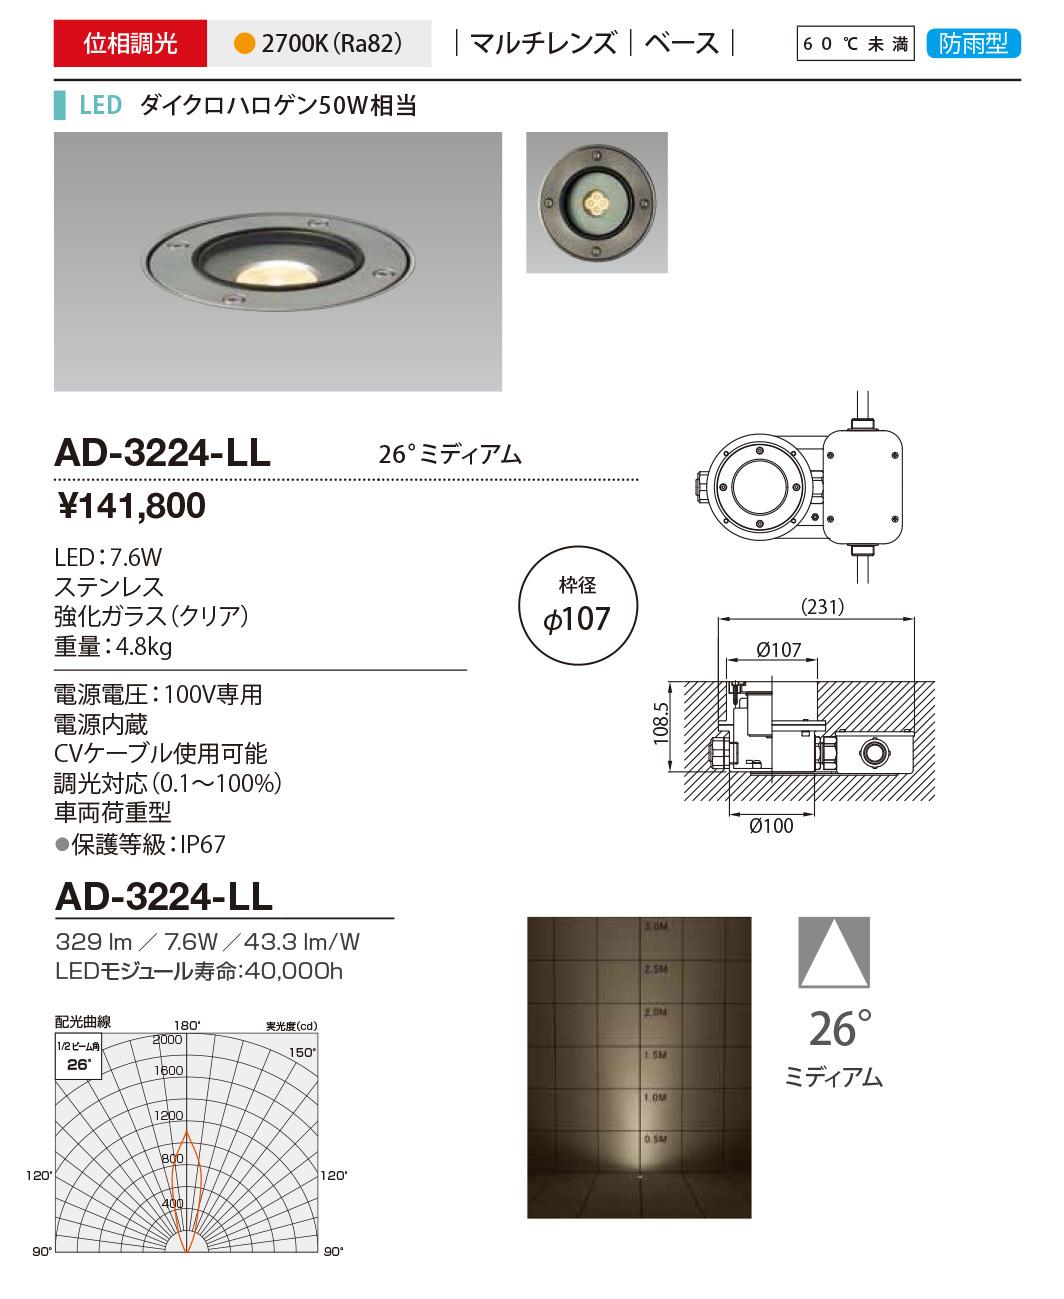 AD-3224-LL 山田照明 照明器具 エクステリア LED一体型バリードライト φ107 調光 マルチレンズ ベース車両荷重型 防雨型 ミディアム ダイクロハロゲン50W相当 電球色 AD-3224-LL